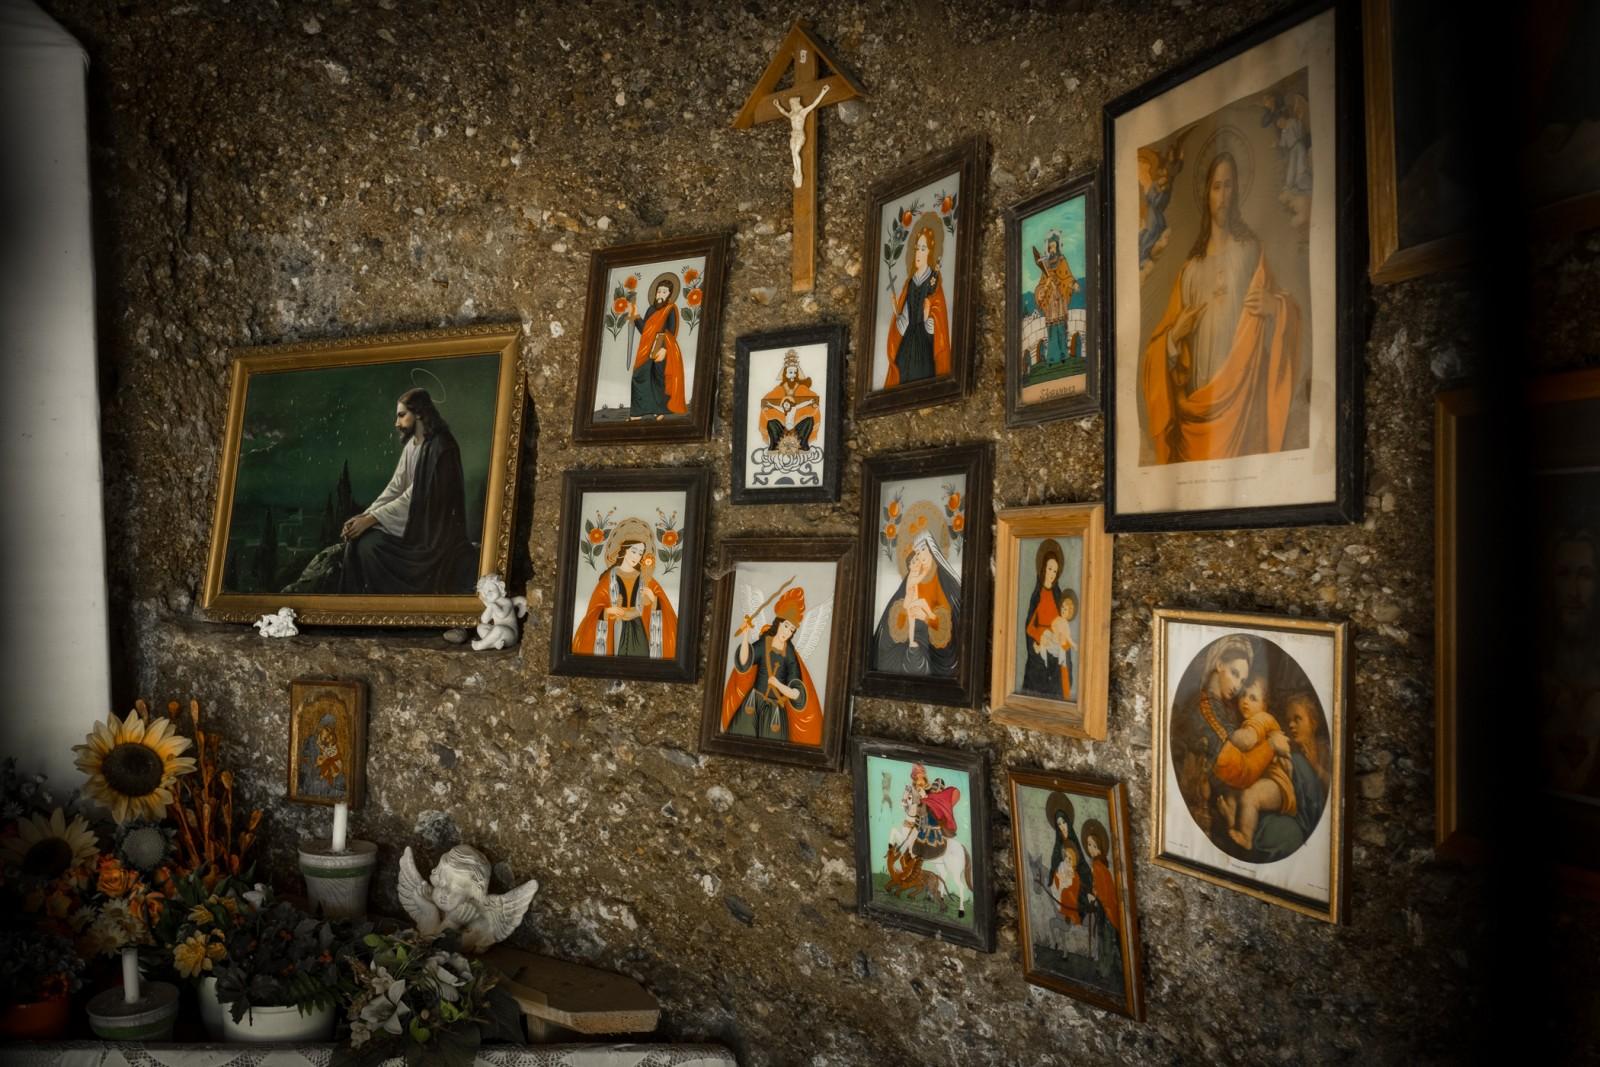 Der Altar im Inneren beherbergt Heiligenbilder...